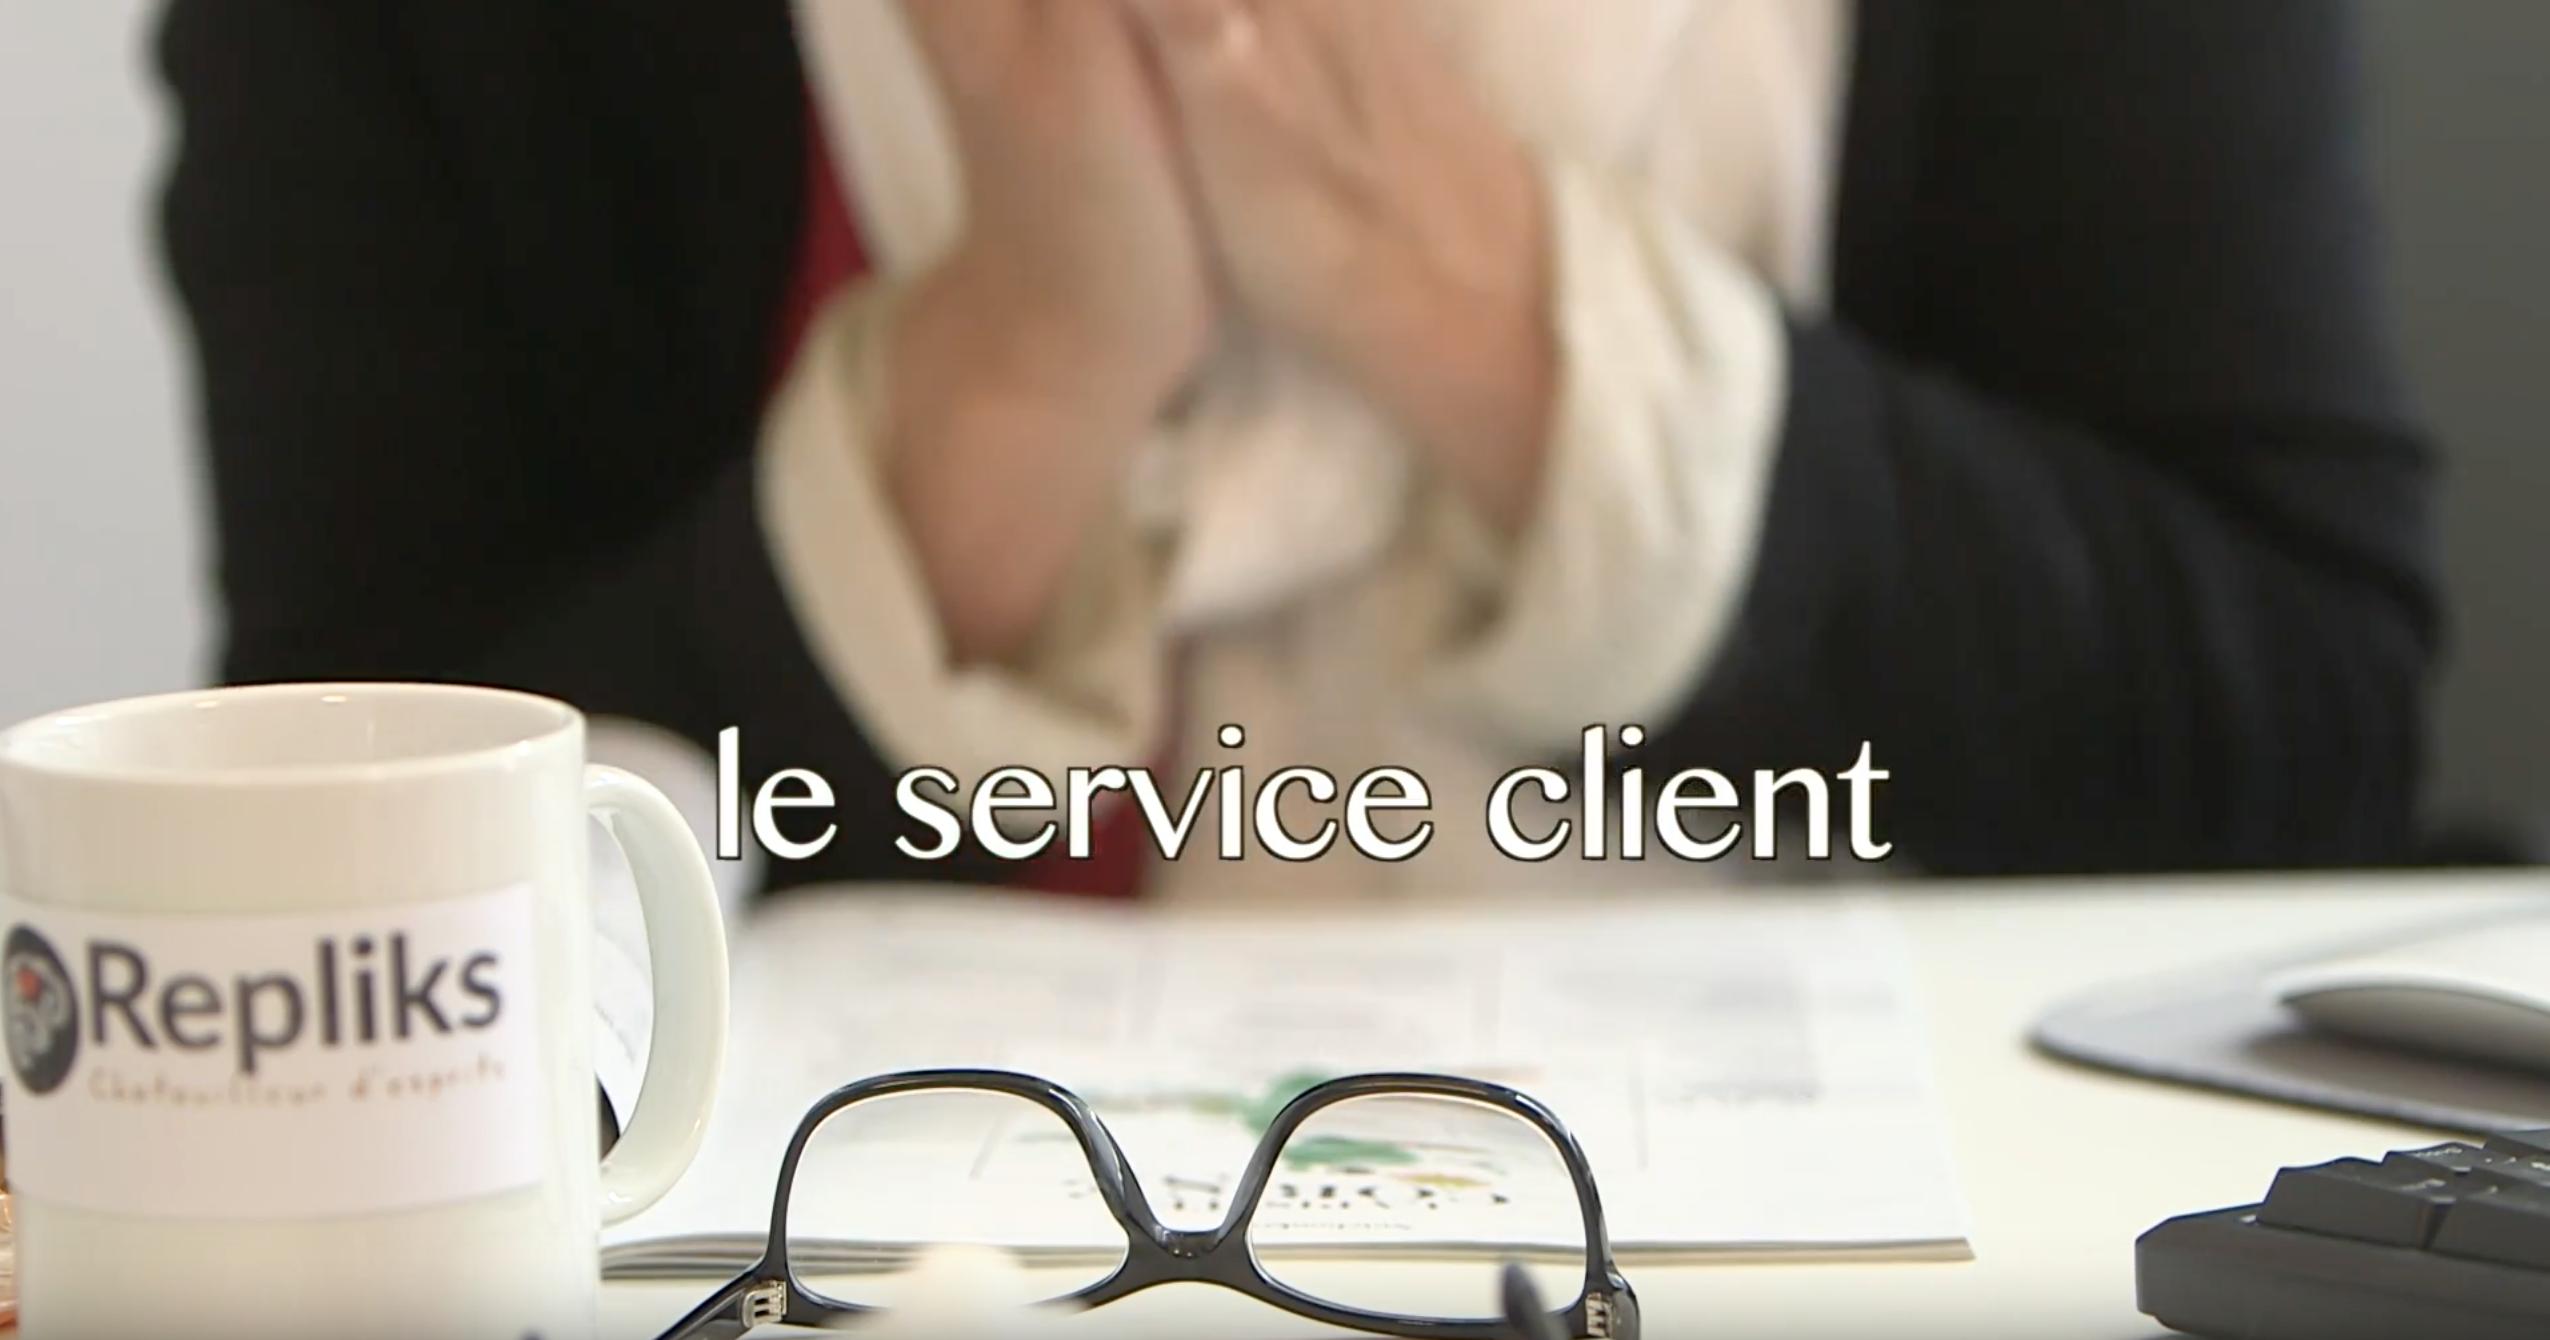 Le service client by Repliks